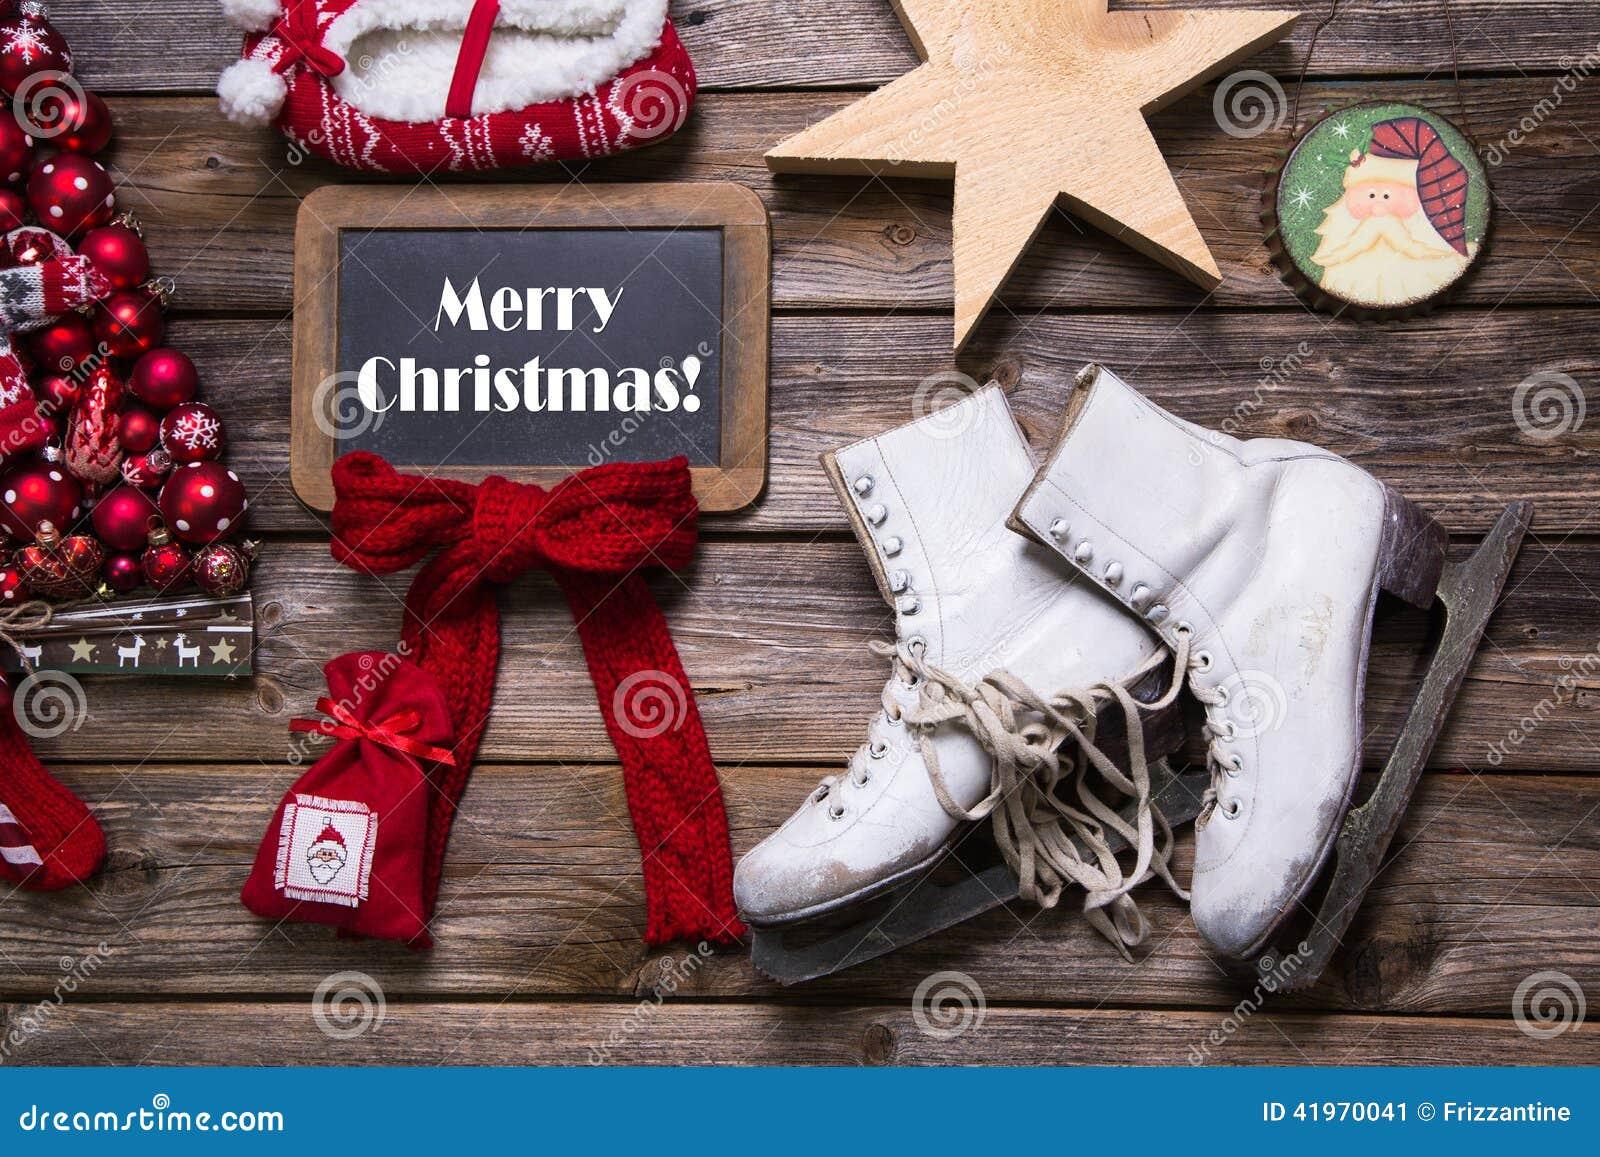 Frohe Weihnachten: Weihnachtsgrußkarte In Den Roten, Weißen Farben ...